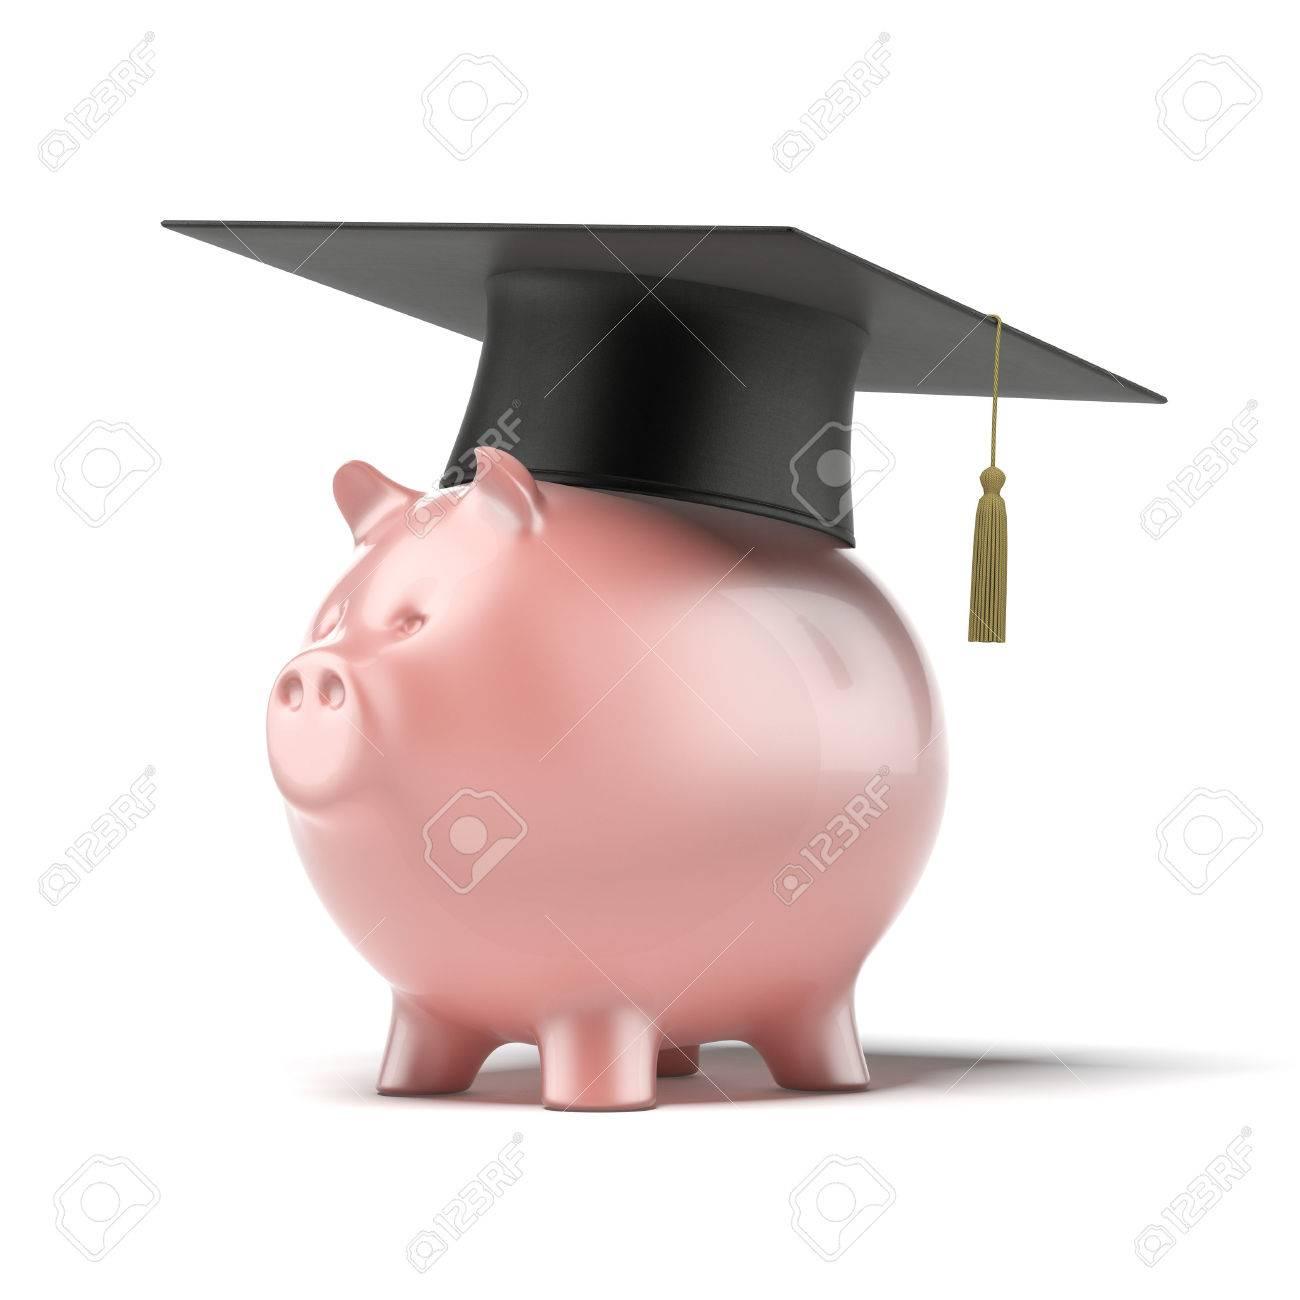 Piggy Bank Mit Schwarzem Abschluss Hut Auf Einem Weißen Hintergrund